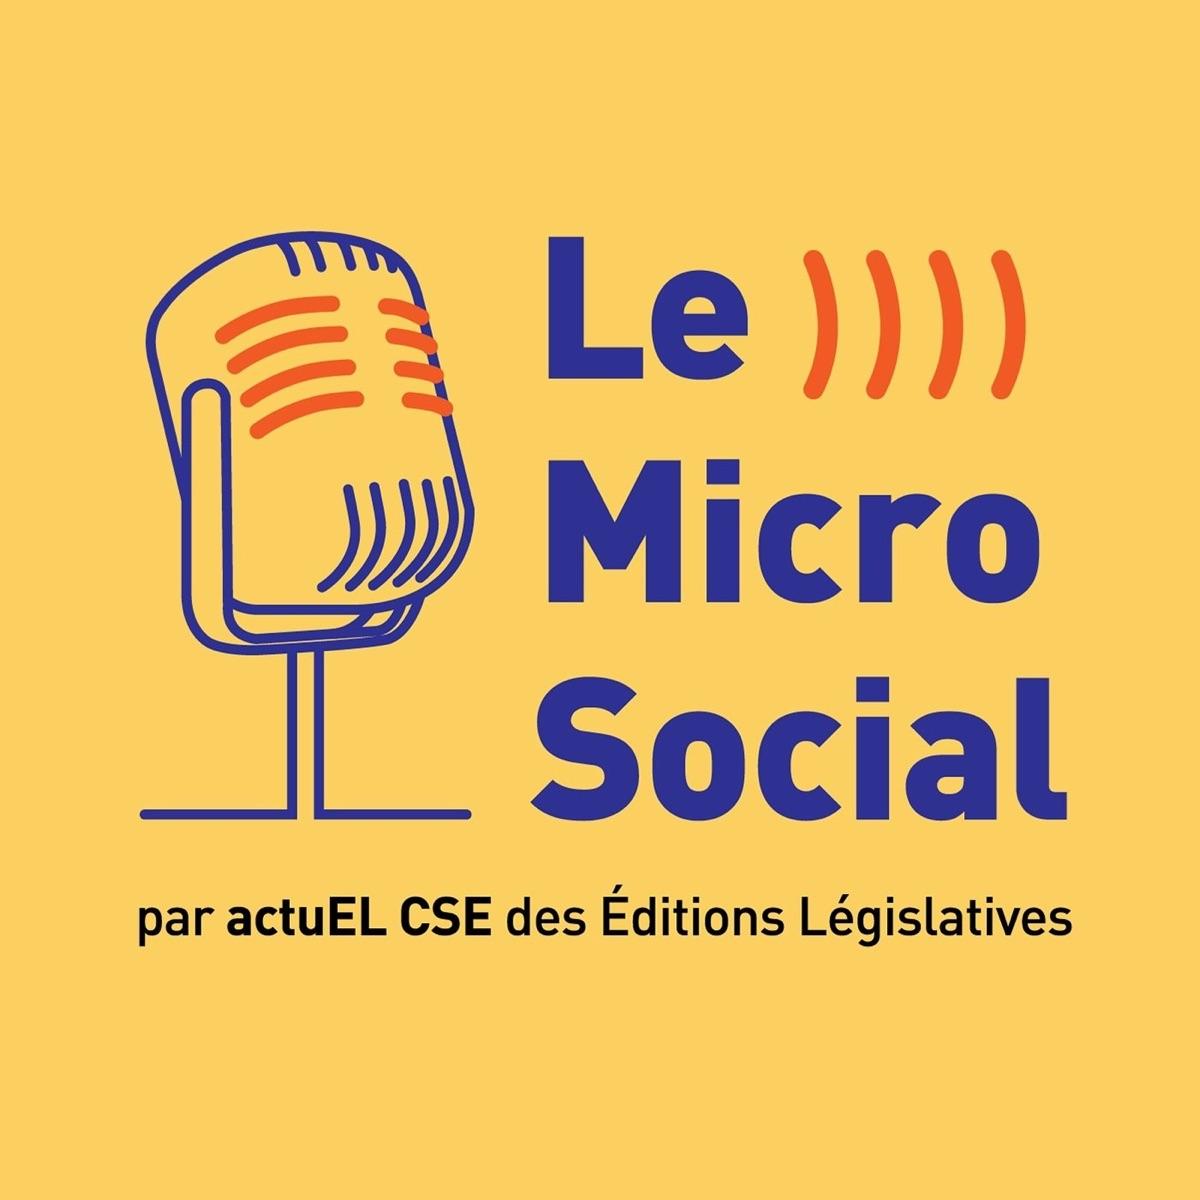 Le Micro Social